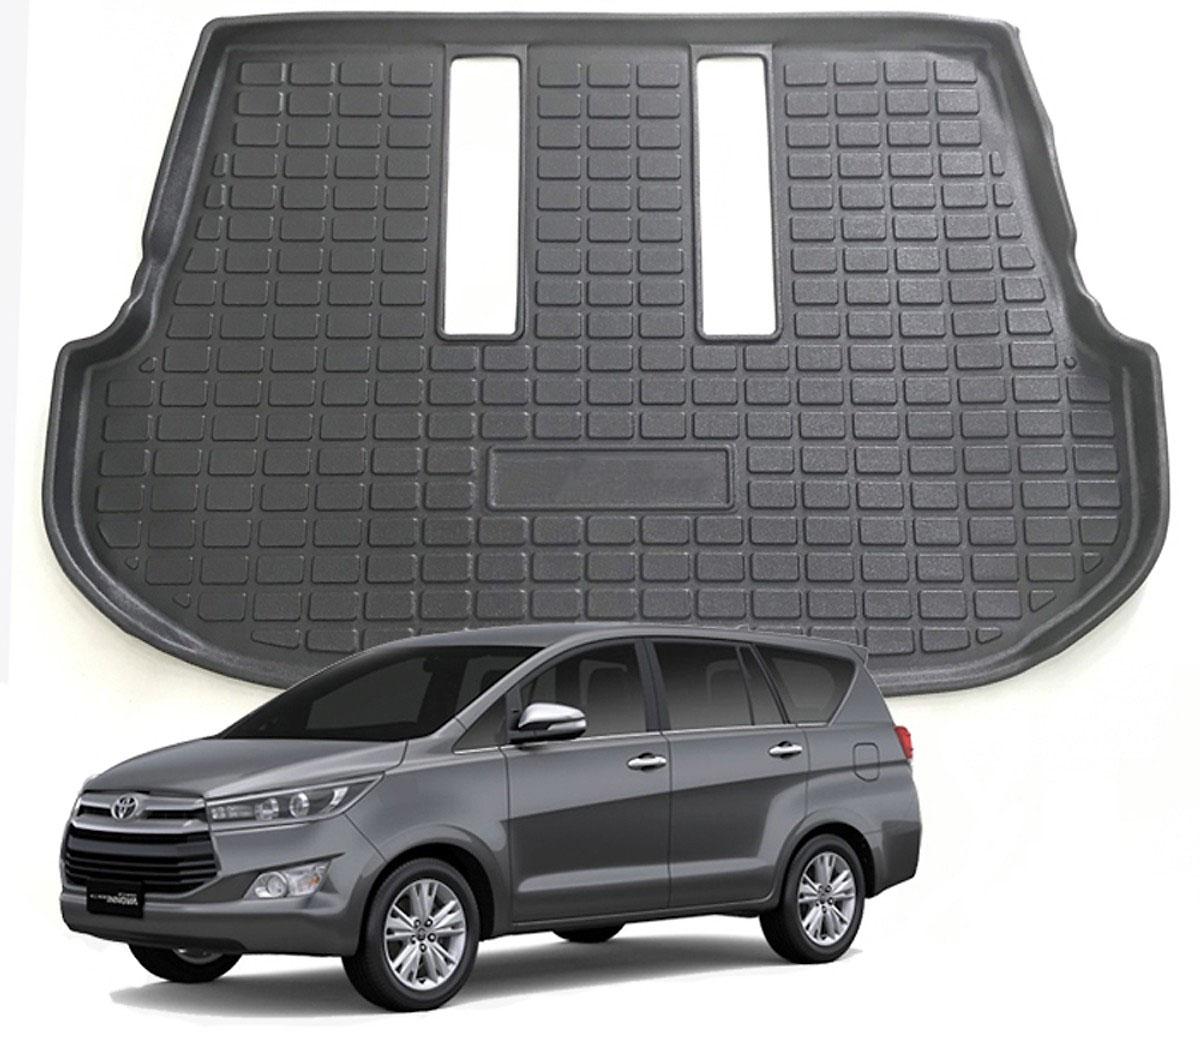 Lót cốp nhựa dẻo dành cho xe Toyota Innova 2009-2019